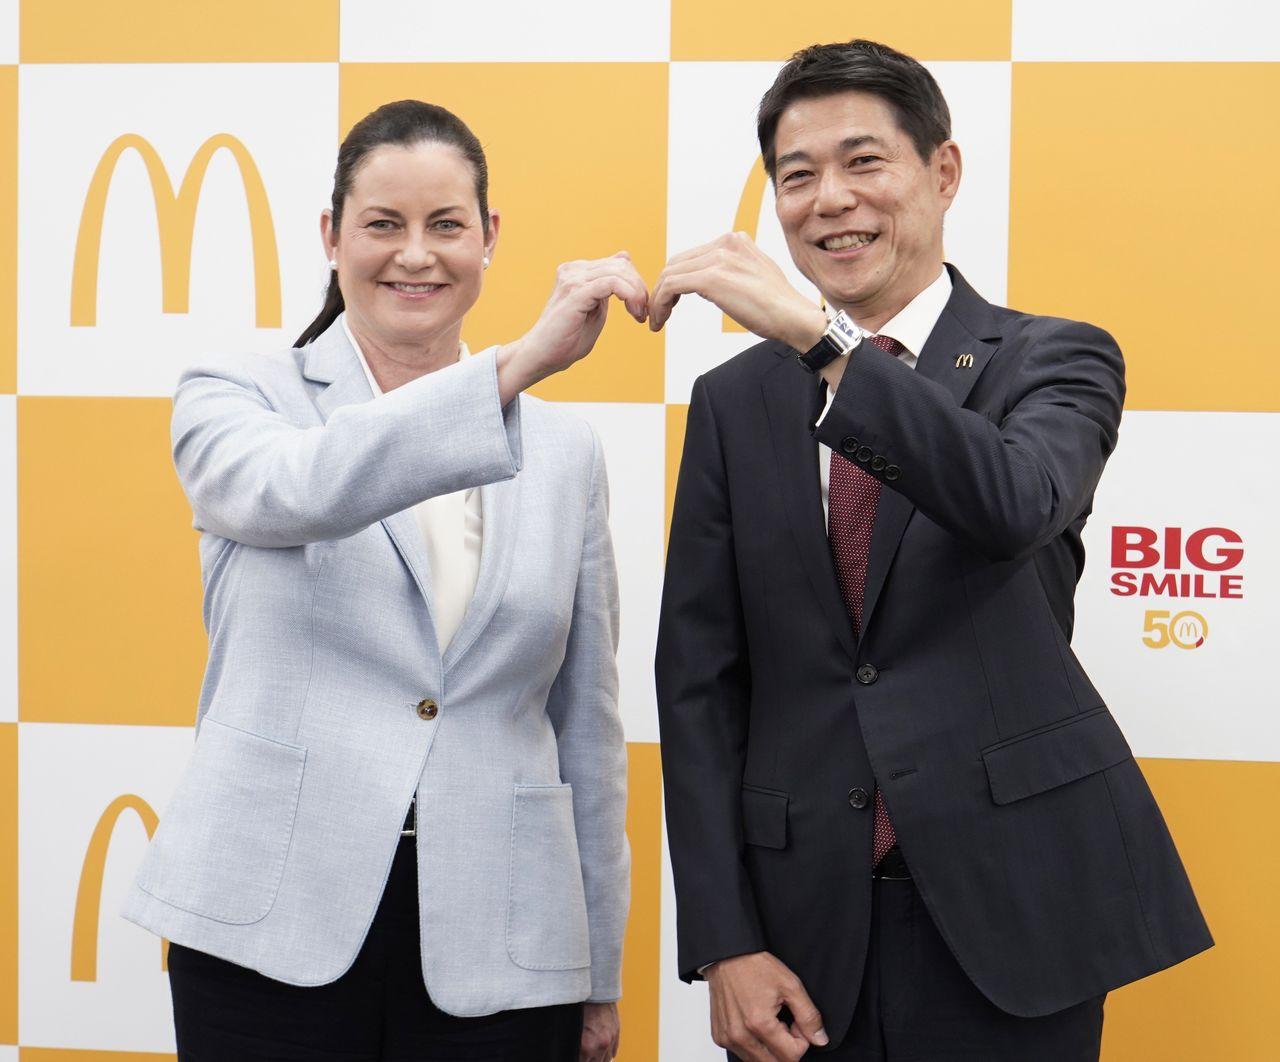 日本マクドナルドホールディングスのサラ・カサノバ社長(左、当時)と、後任となる日色保取締役 2021年02月19日、東京都新宿区の同社本社 時事(日本マクドナルド提供)